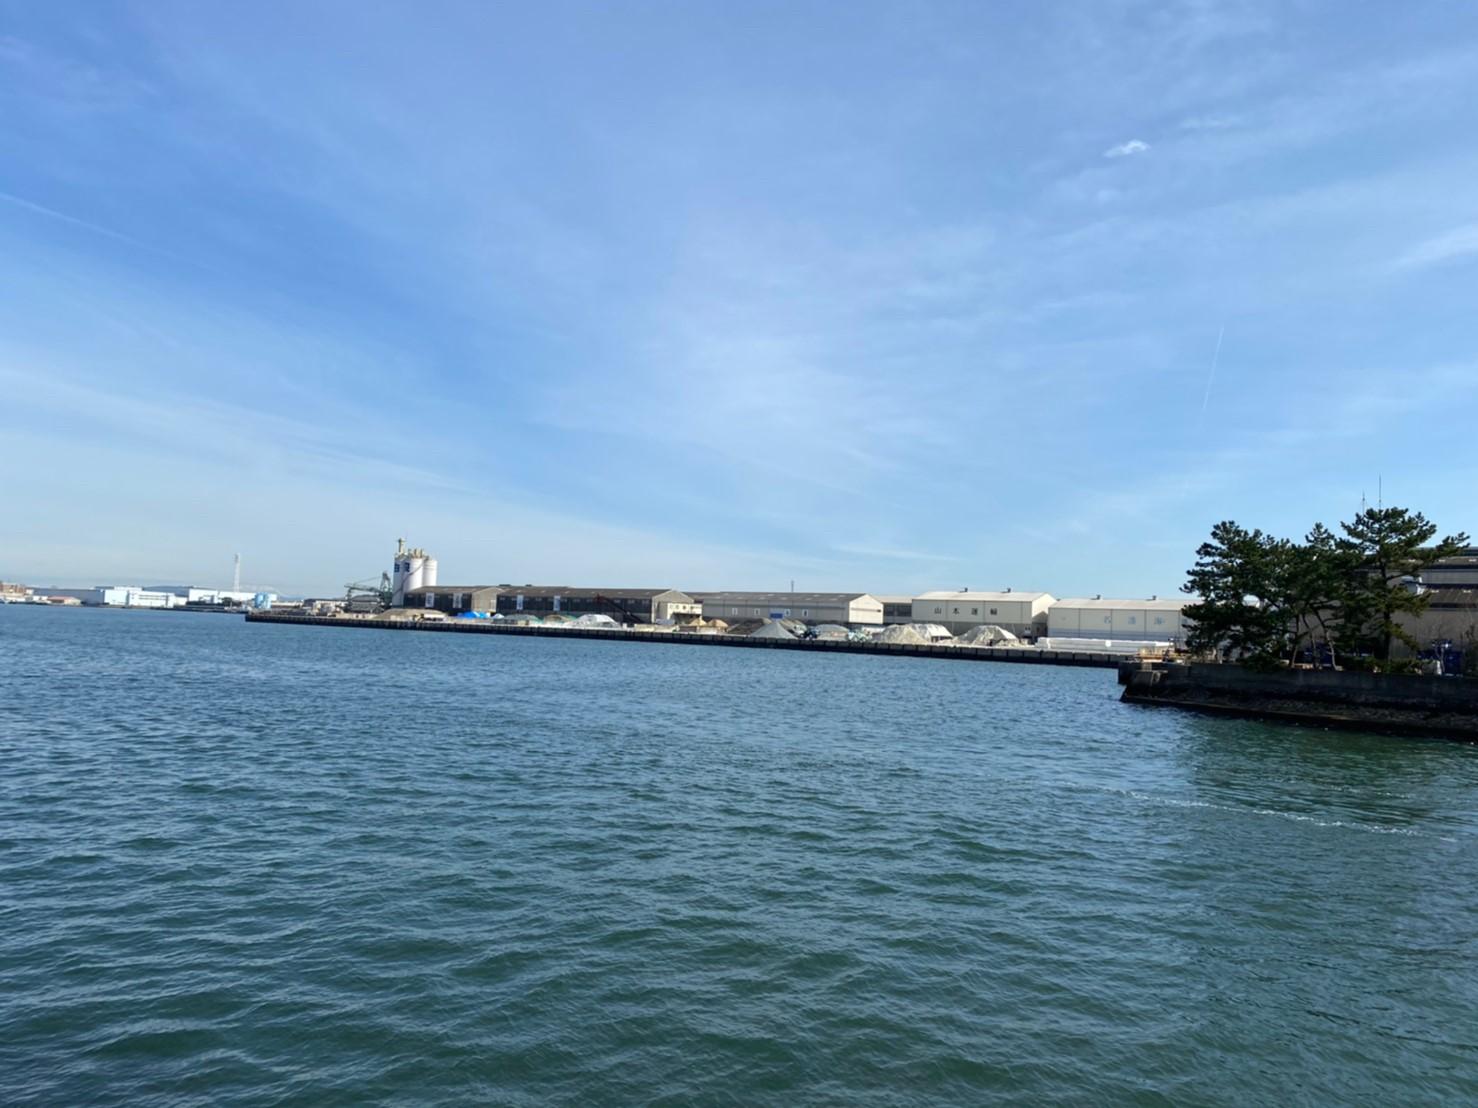 【年中釣れる!】『船見埠頭:ふなみふとう』の釣り場ガイド(駐車場・釣れる魚)